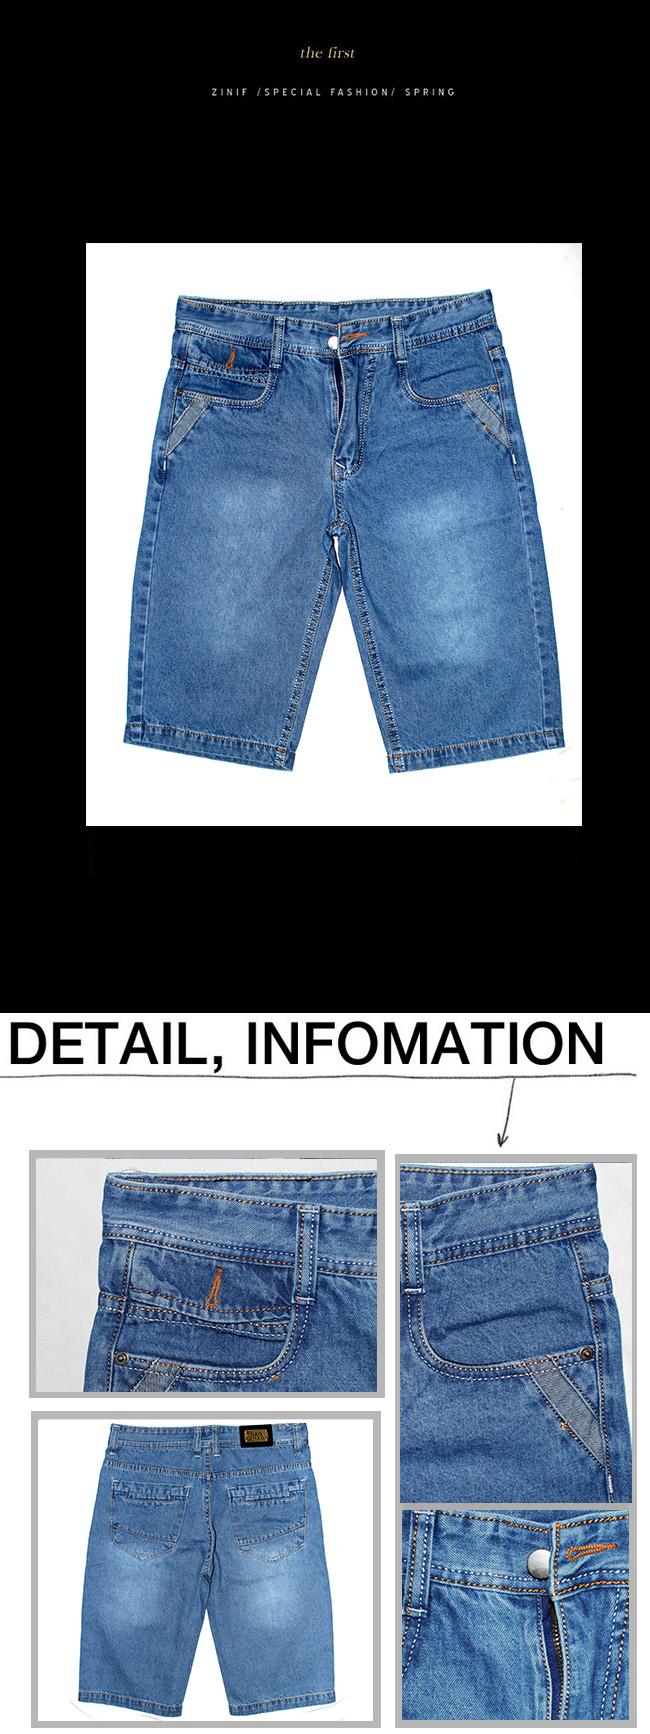 Quần short jeans xanh dương qs06 - 1